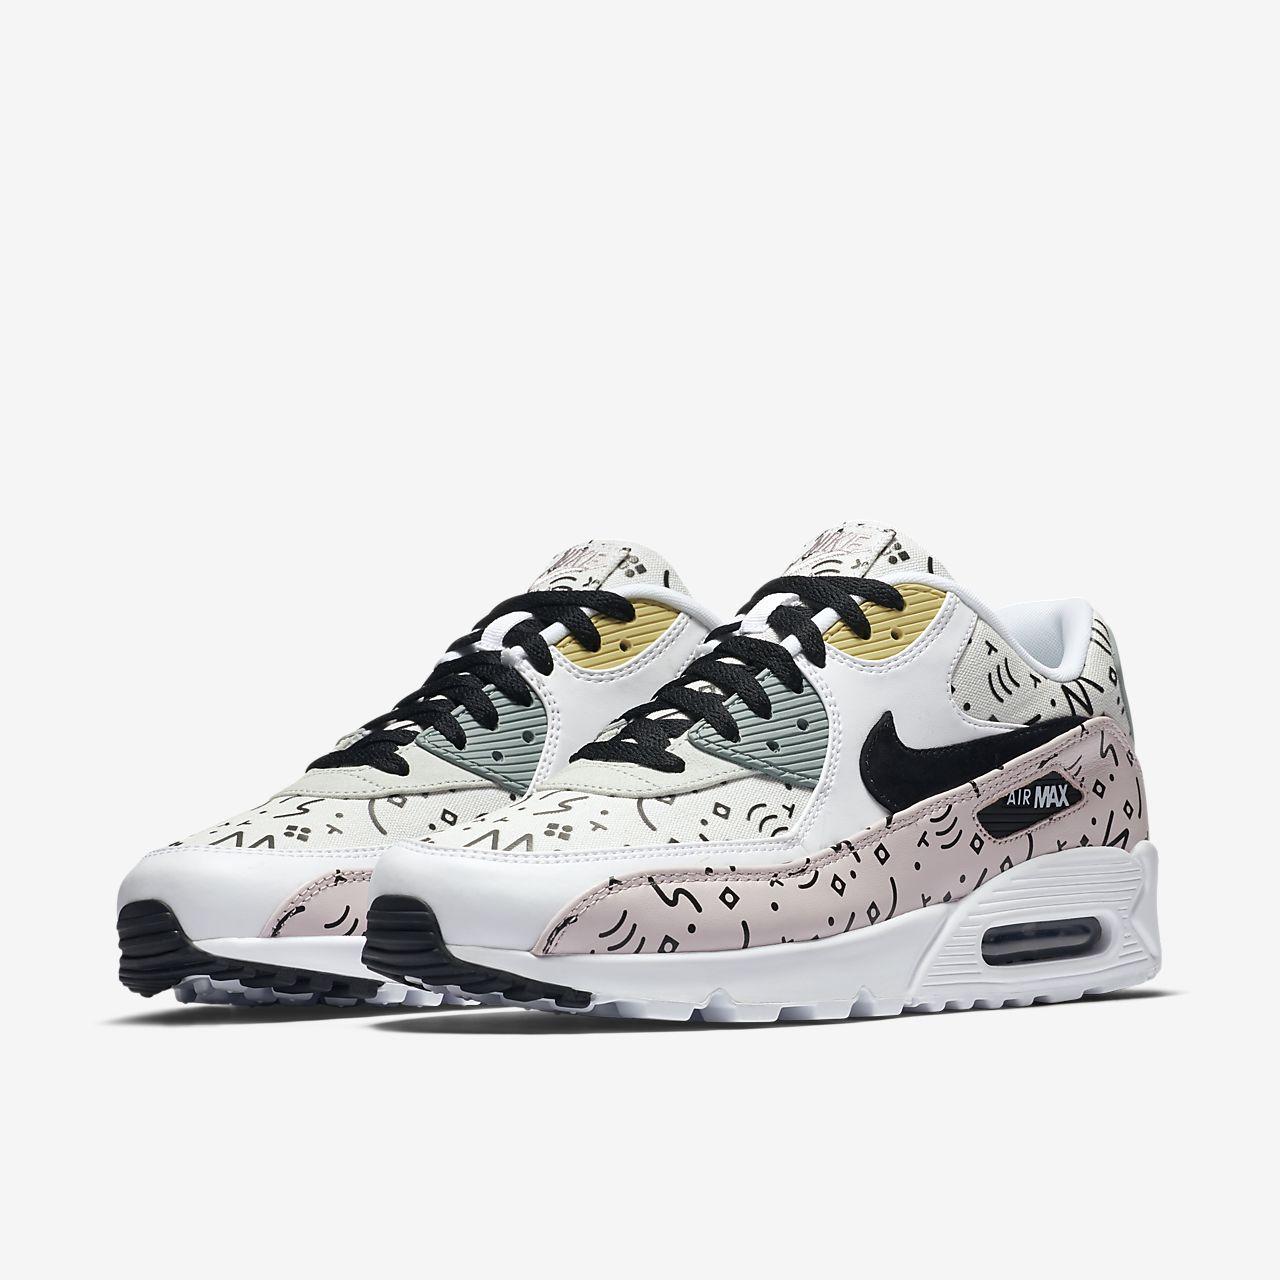 ... Nike Air Max 90 Premium Men's Shoe